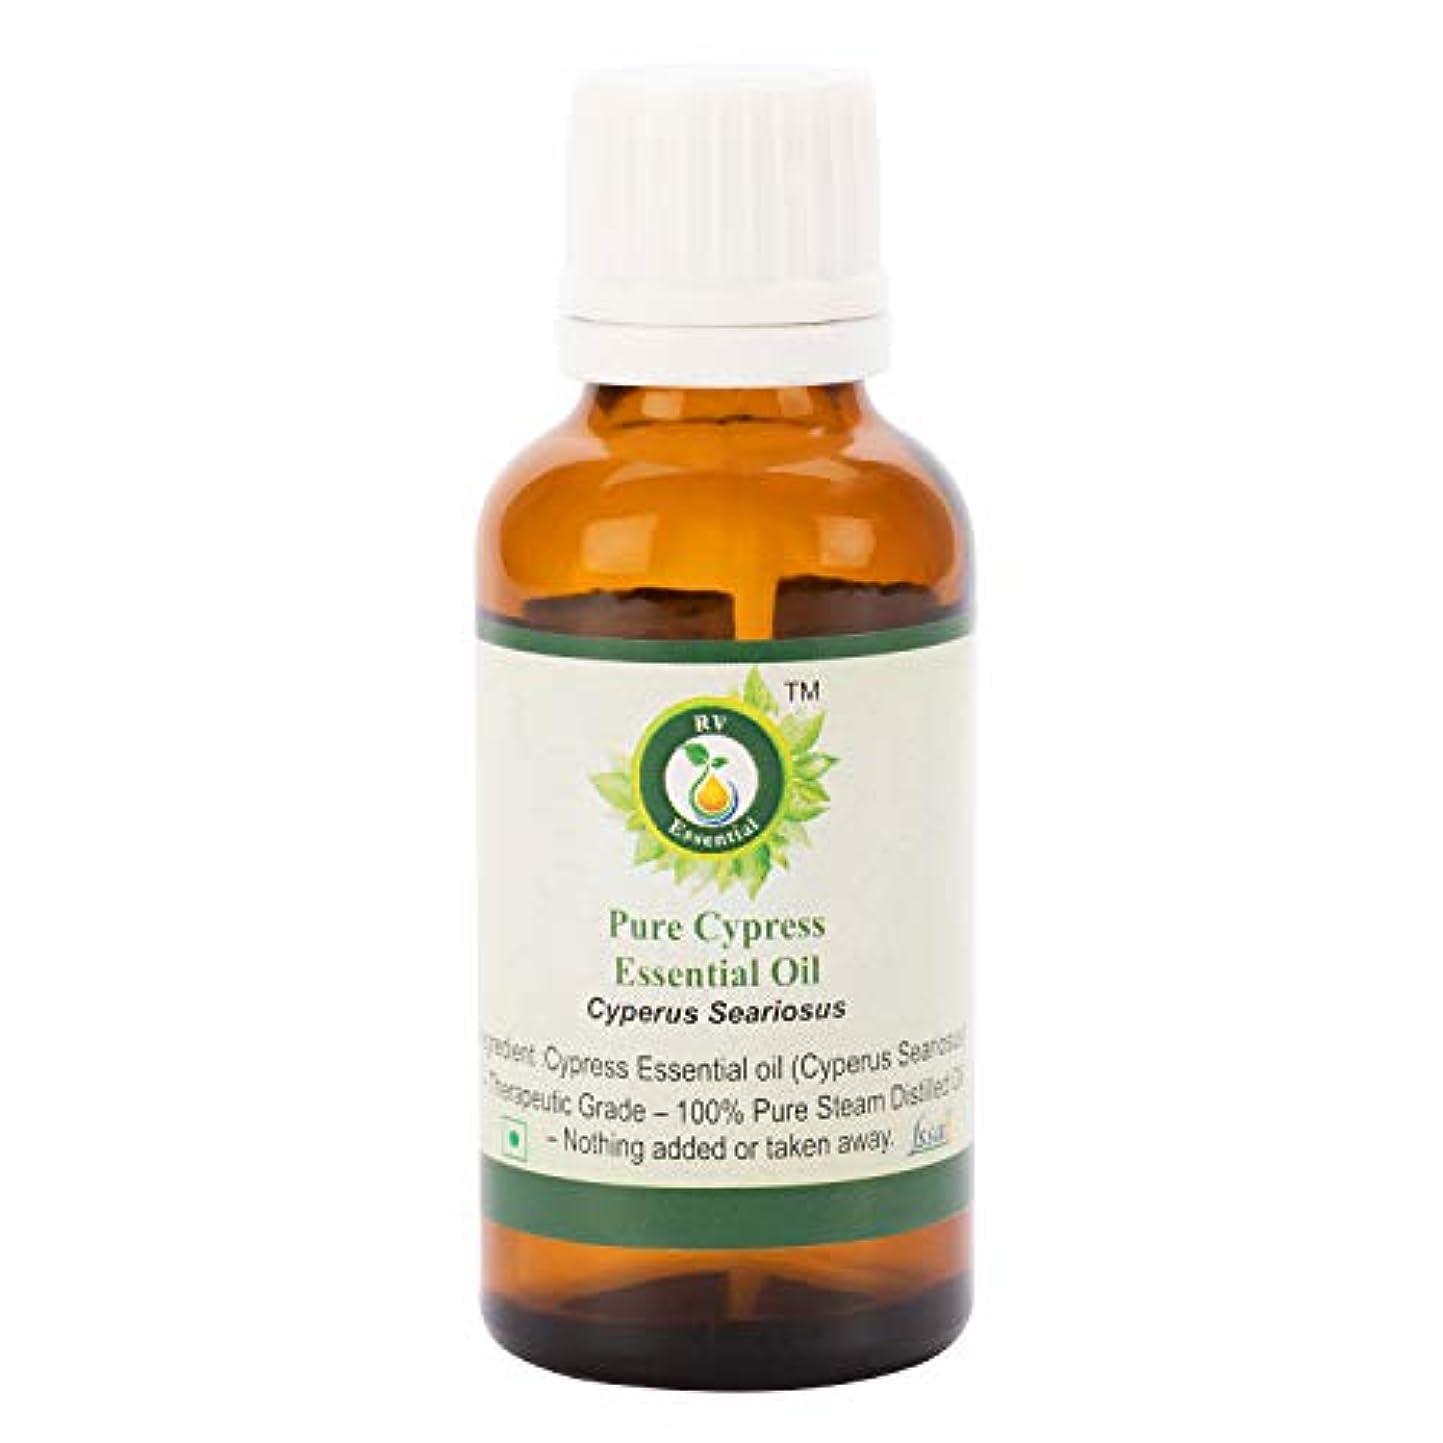 パック病気だと思うベルピュアサイプレスエッセンシャルオイル100ml (3.38oz)- Cyperus Seariosus (100%純粋&天然スチームDistilled) Pure Cypress Essential Oil